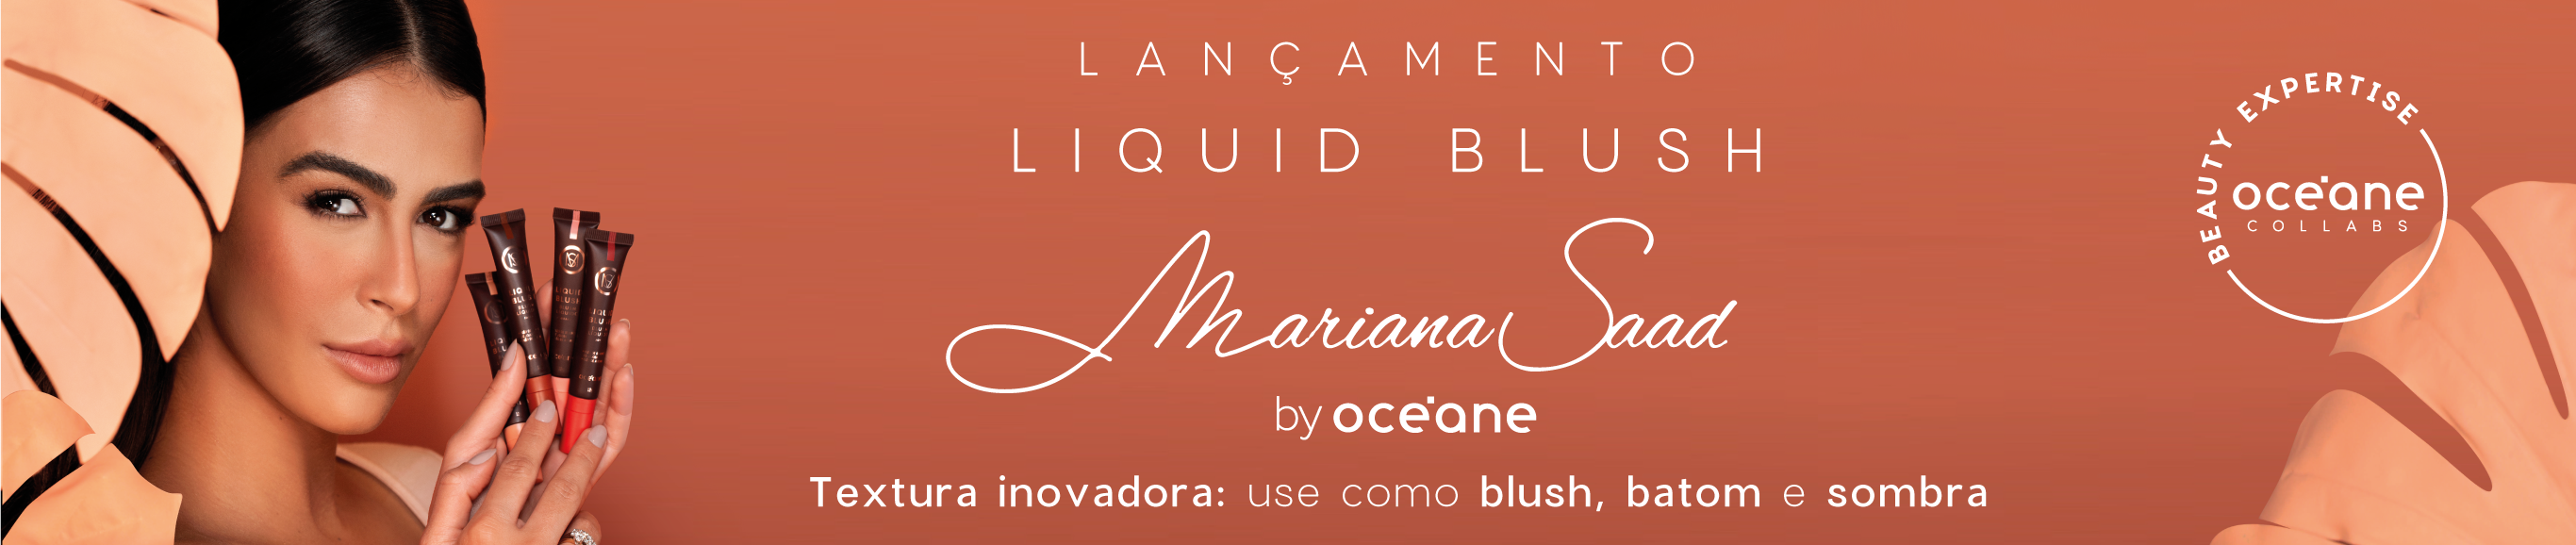 Banner lançamento Mariana Saad by Océane, a imagem mostra os quatro tons de blush líquido da linha Mariana saad by Océane,  blush líquido terracota, blush líquido rosa claro, blush líquido cereja e blush líquido pêssego